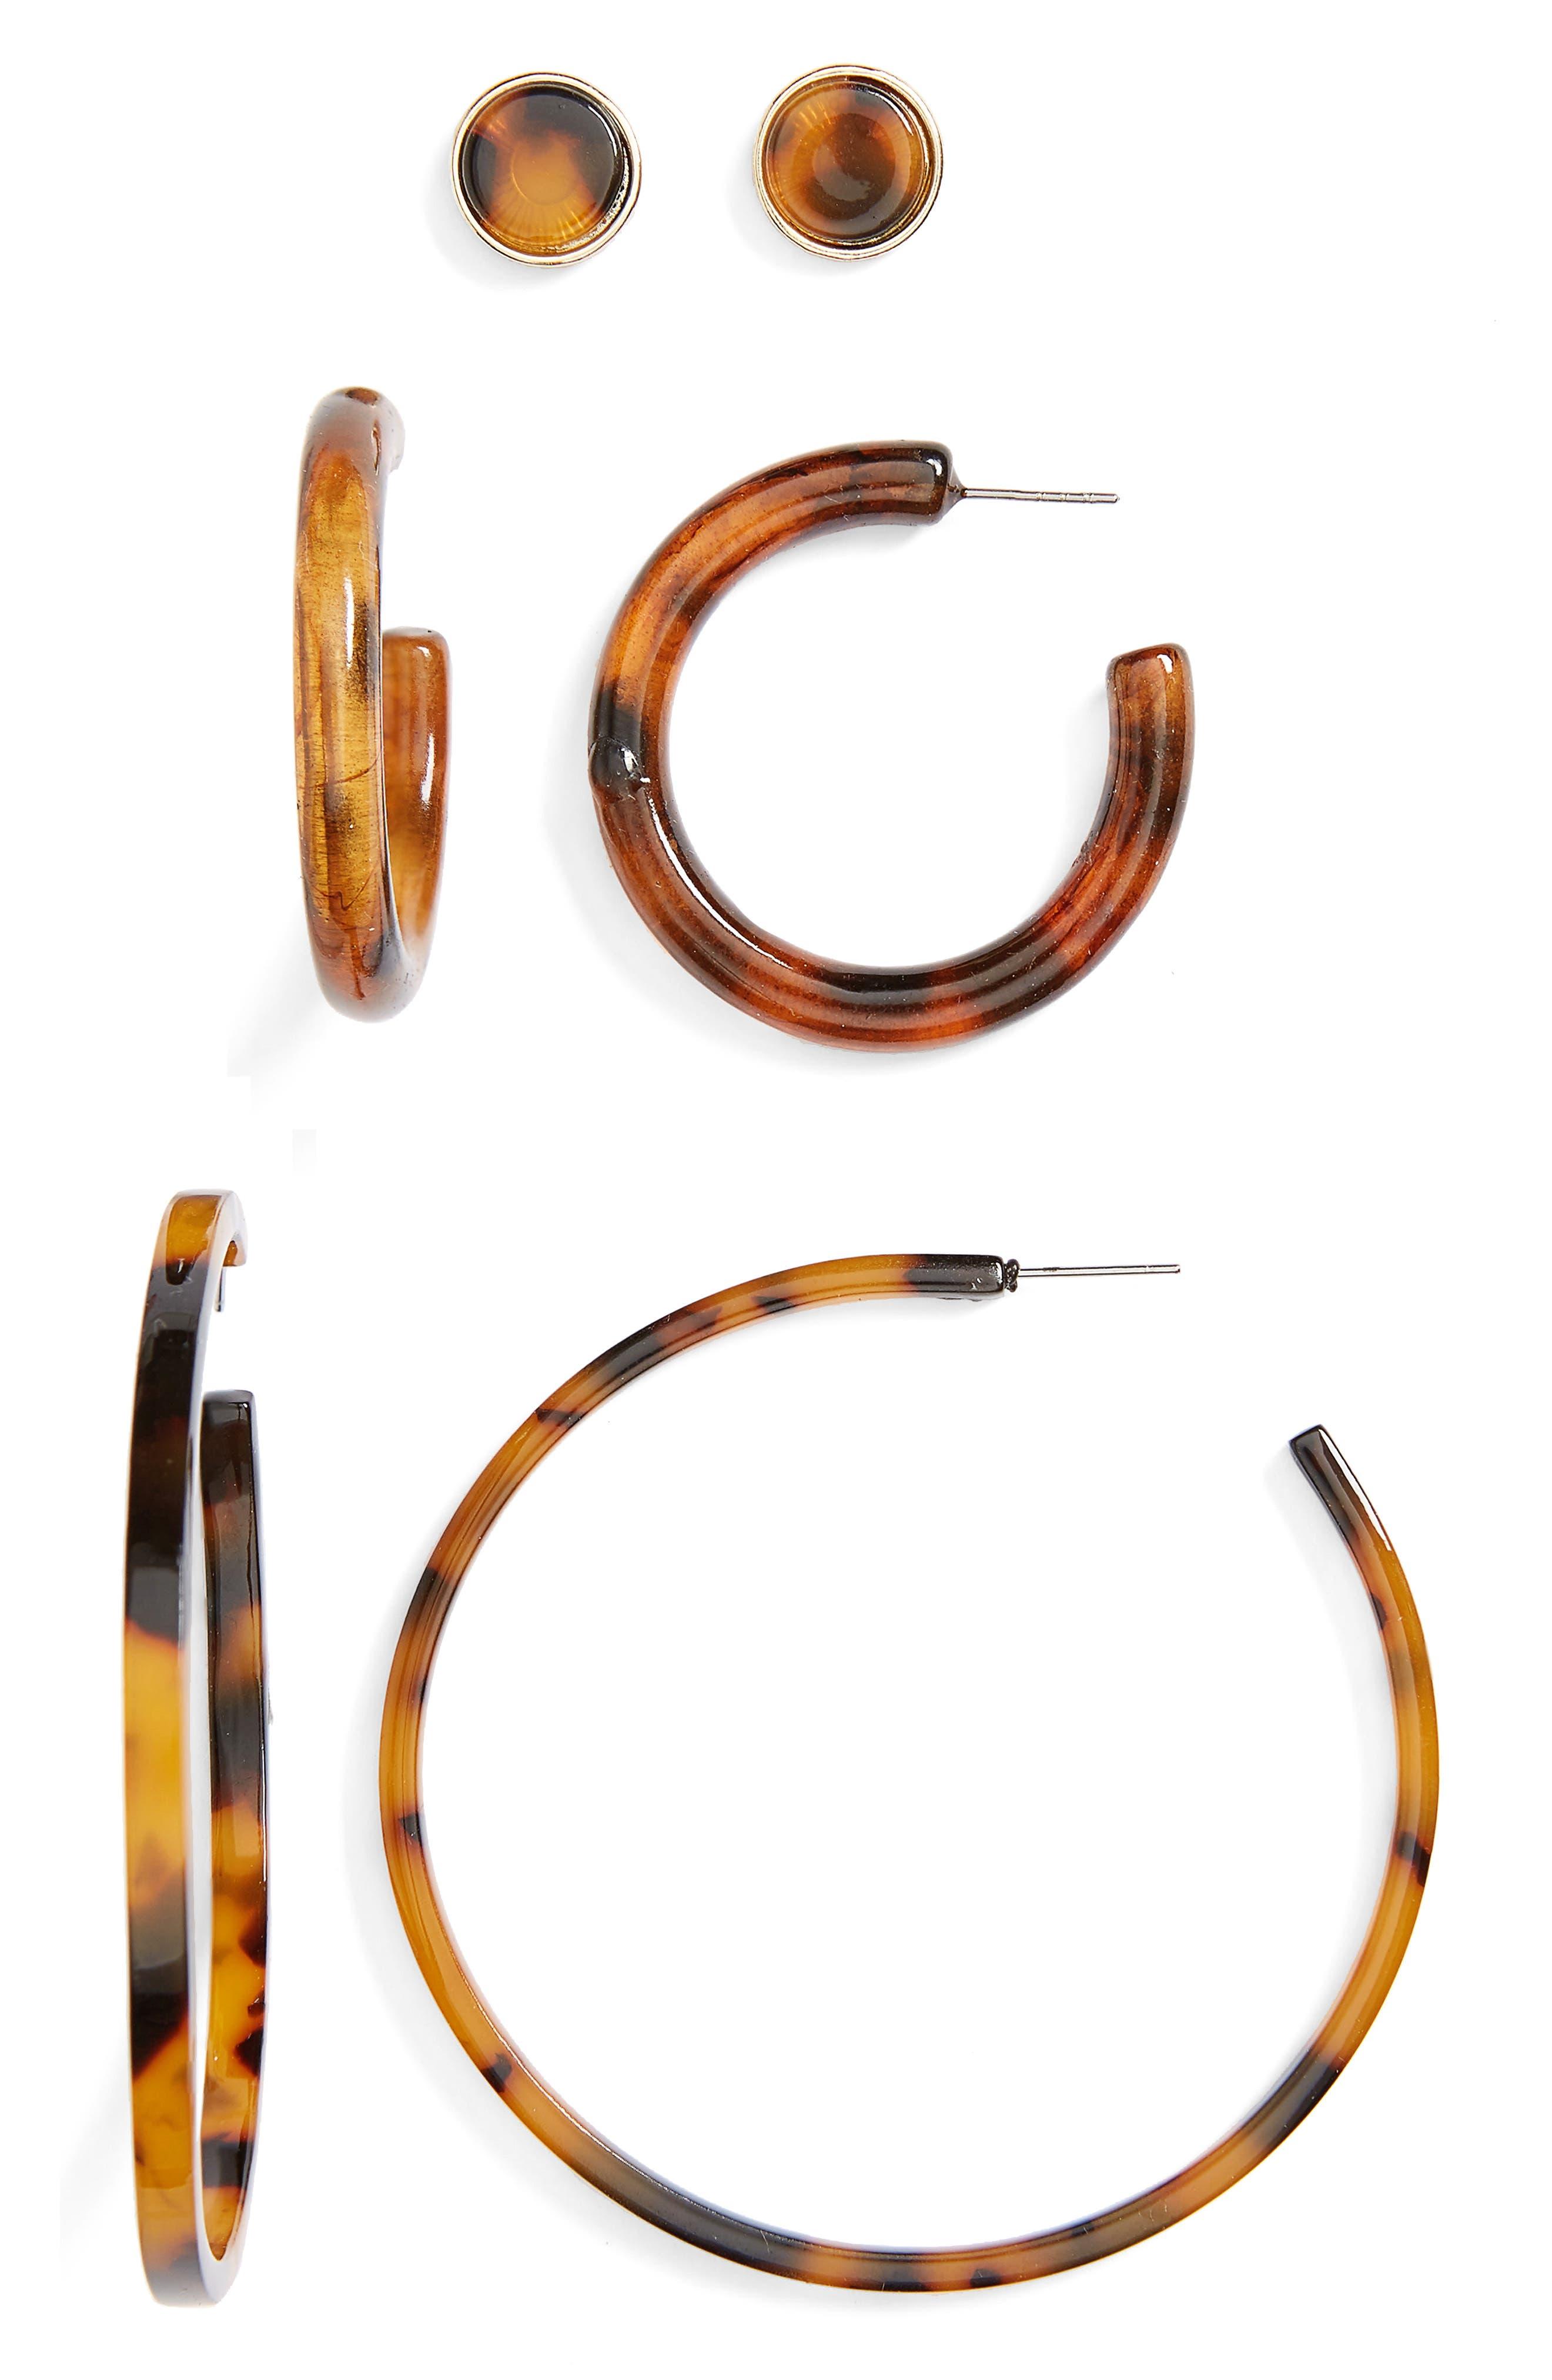 3-Pack Tortoiseshell Earrings,                             Main thumbnail 1, color,                             GOLD/ TORT